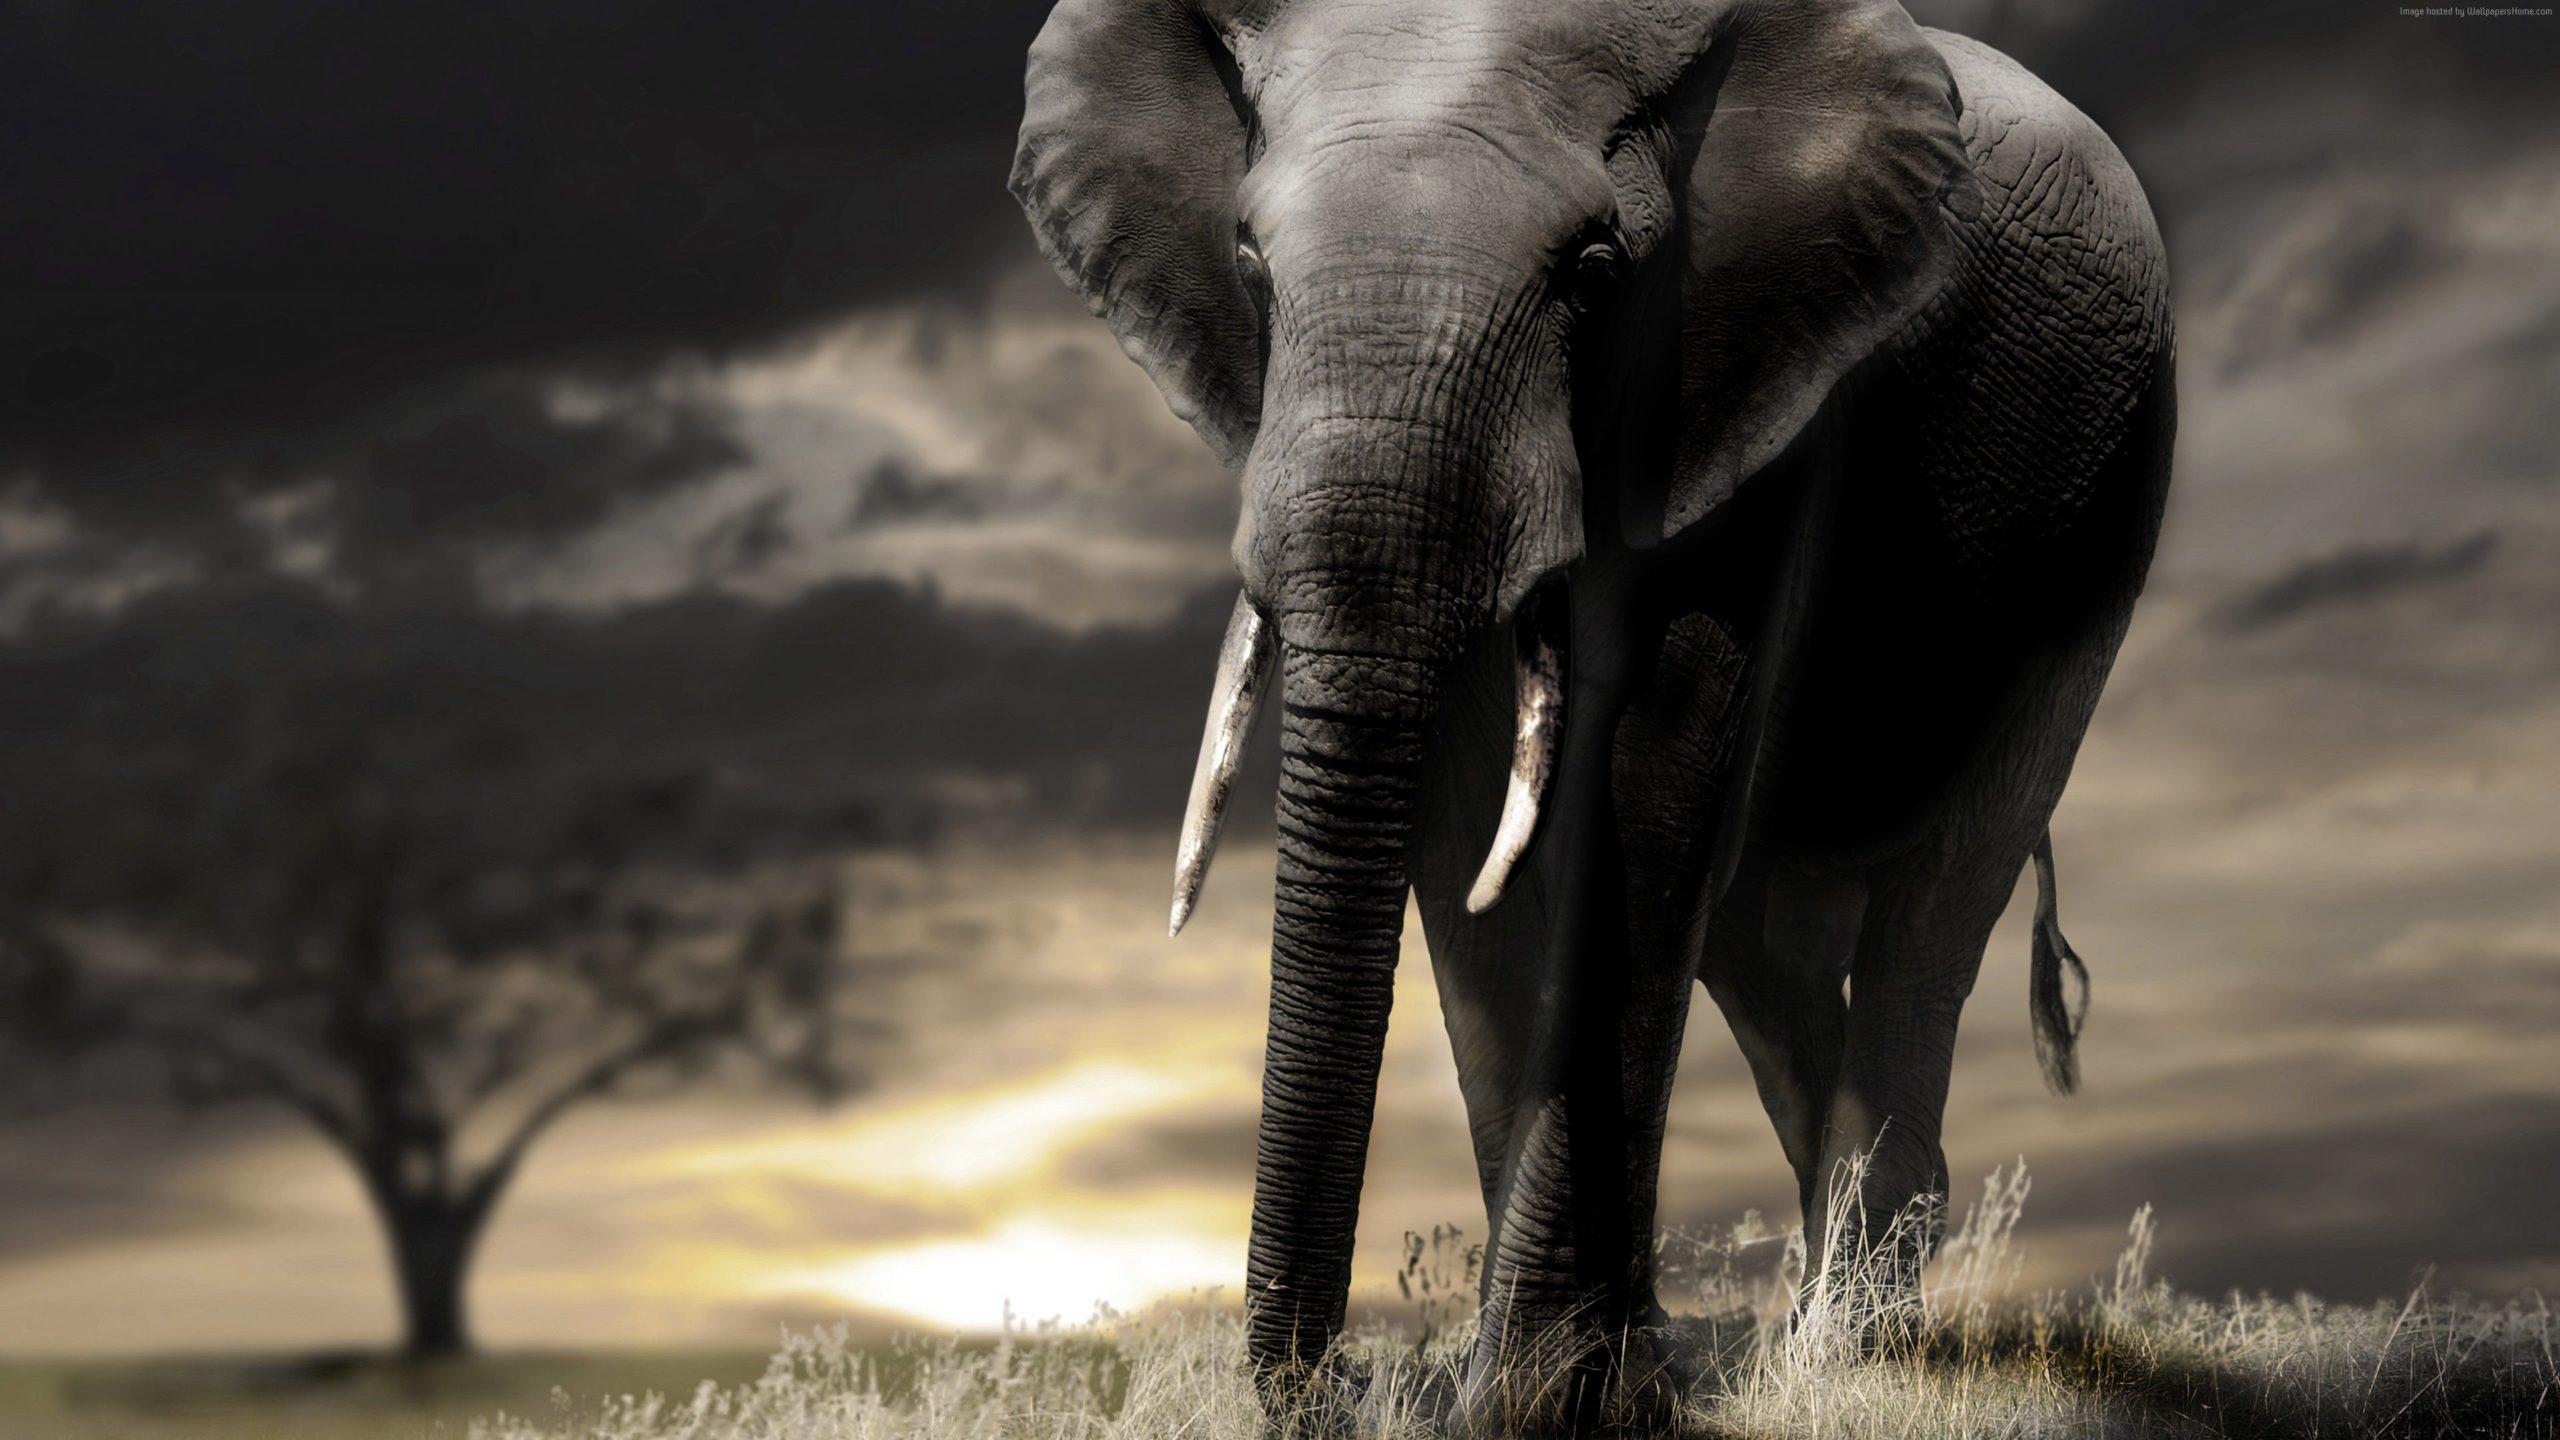 elephant desktop wallpapers hd